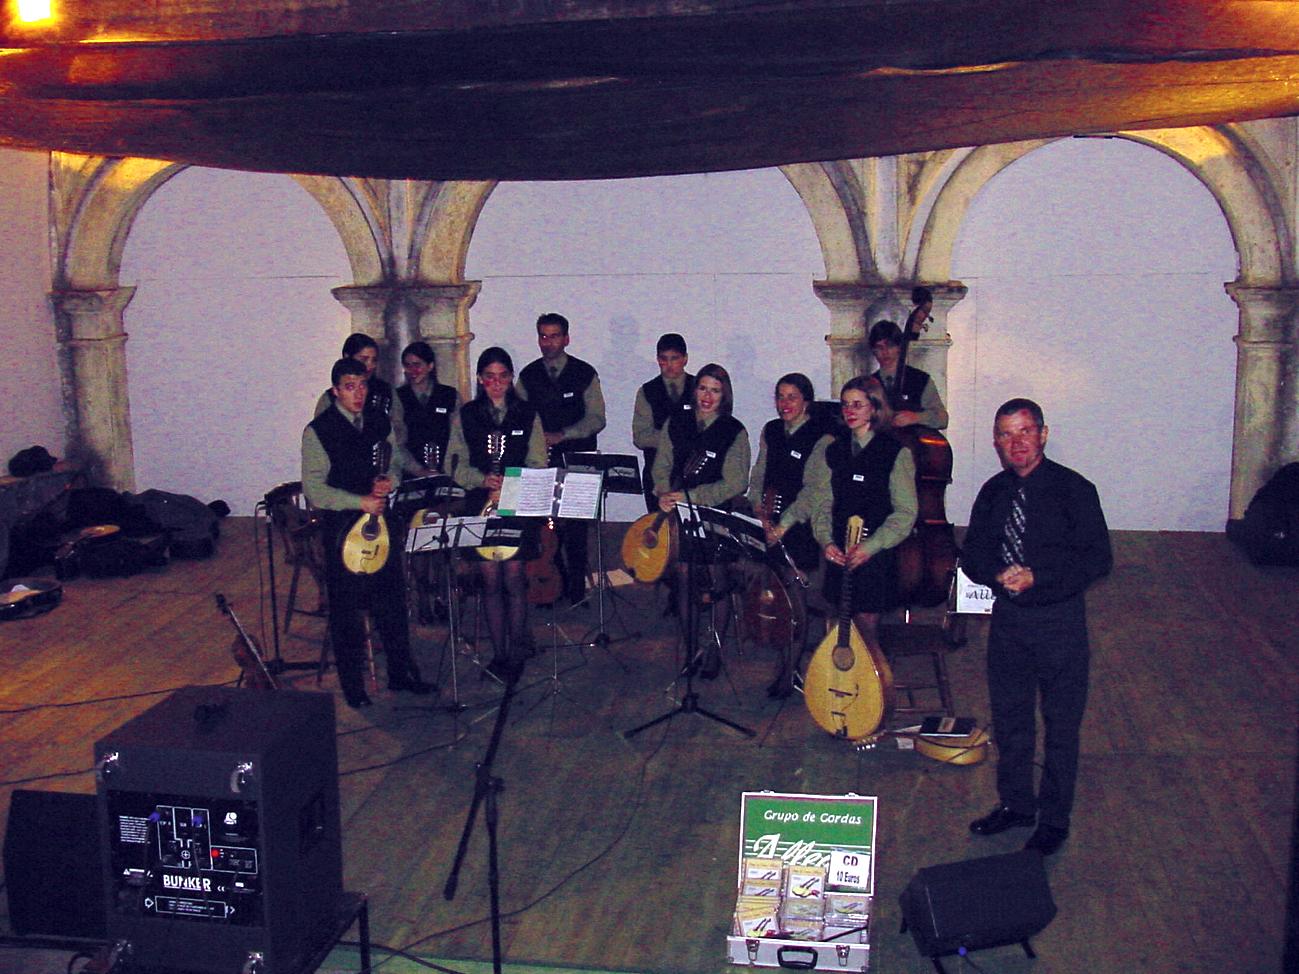 Igreja de Santo António dos Olivais, grupo de cordas Allegro, Junho 2002